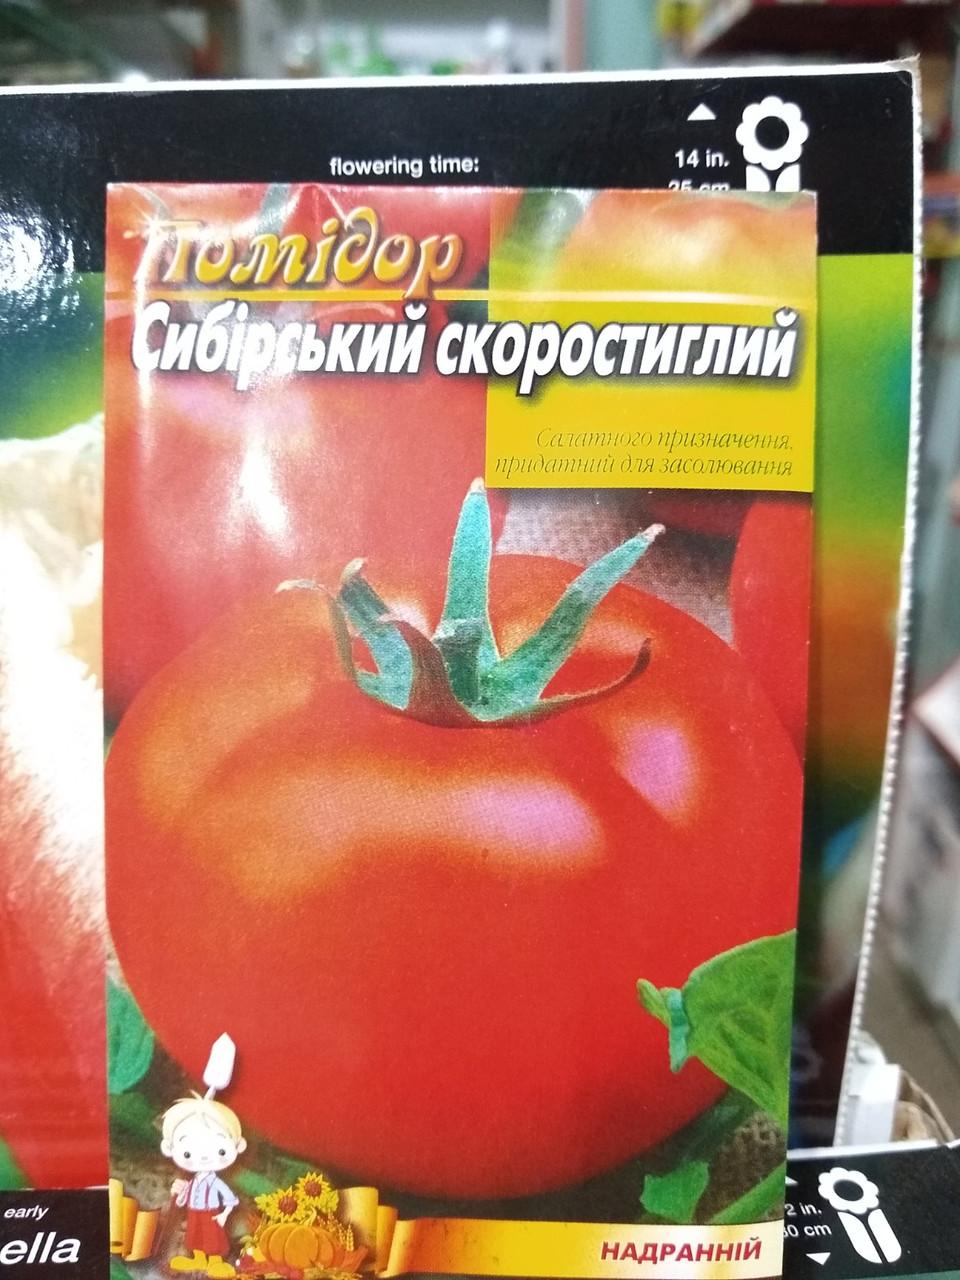 Томат Сибирский скороспелый сверхранний 10 грамм